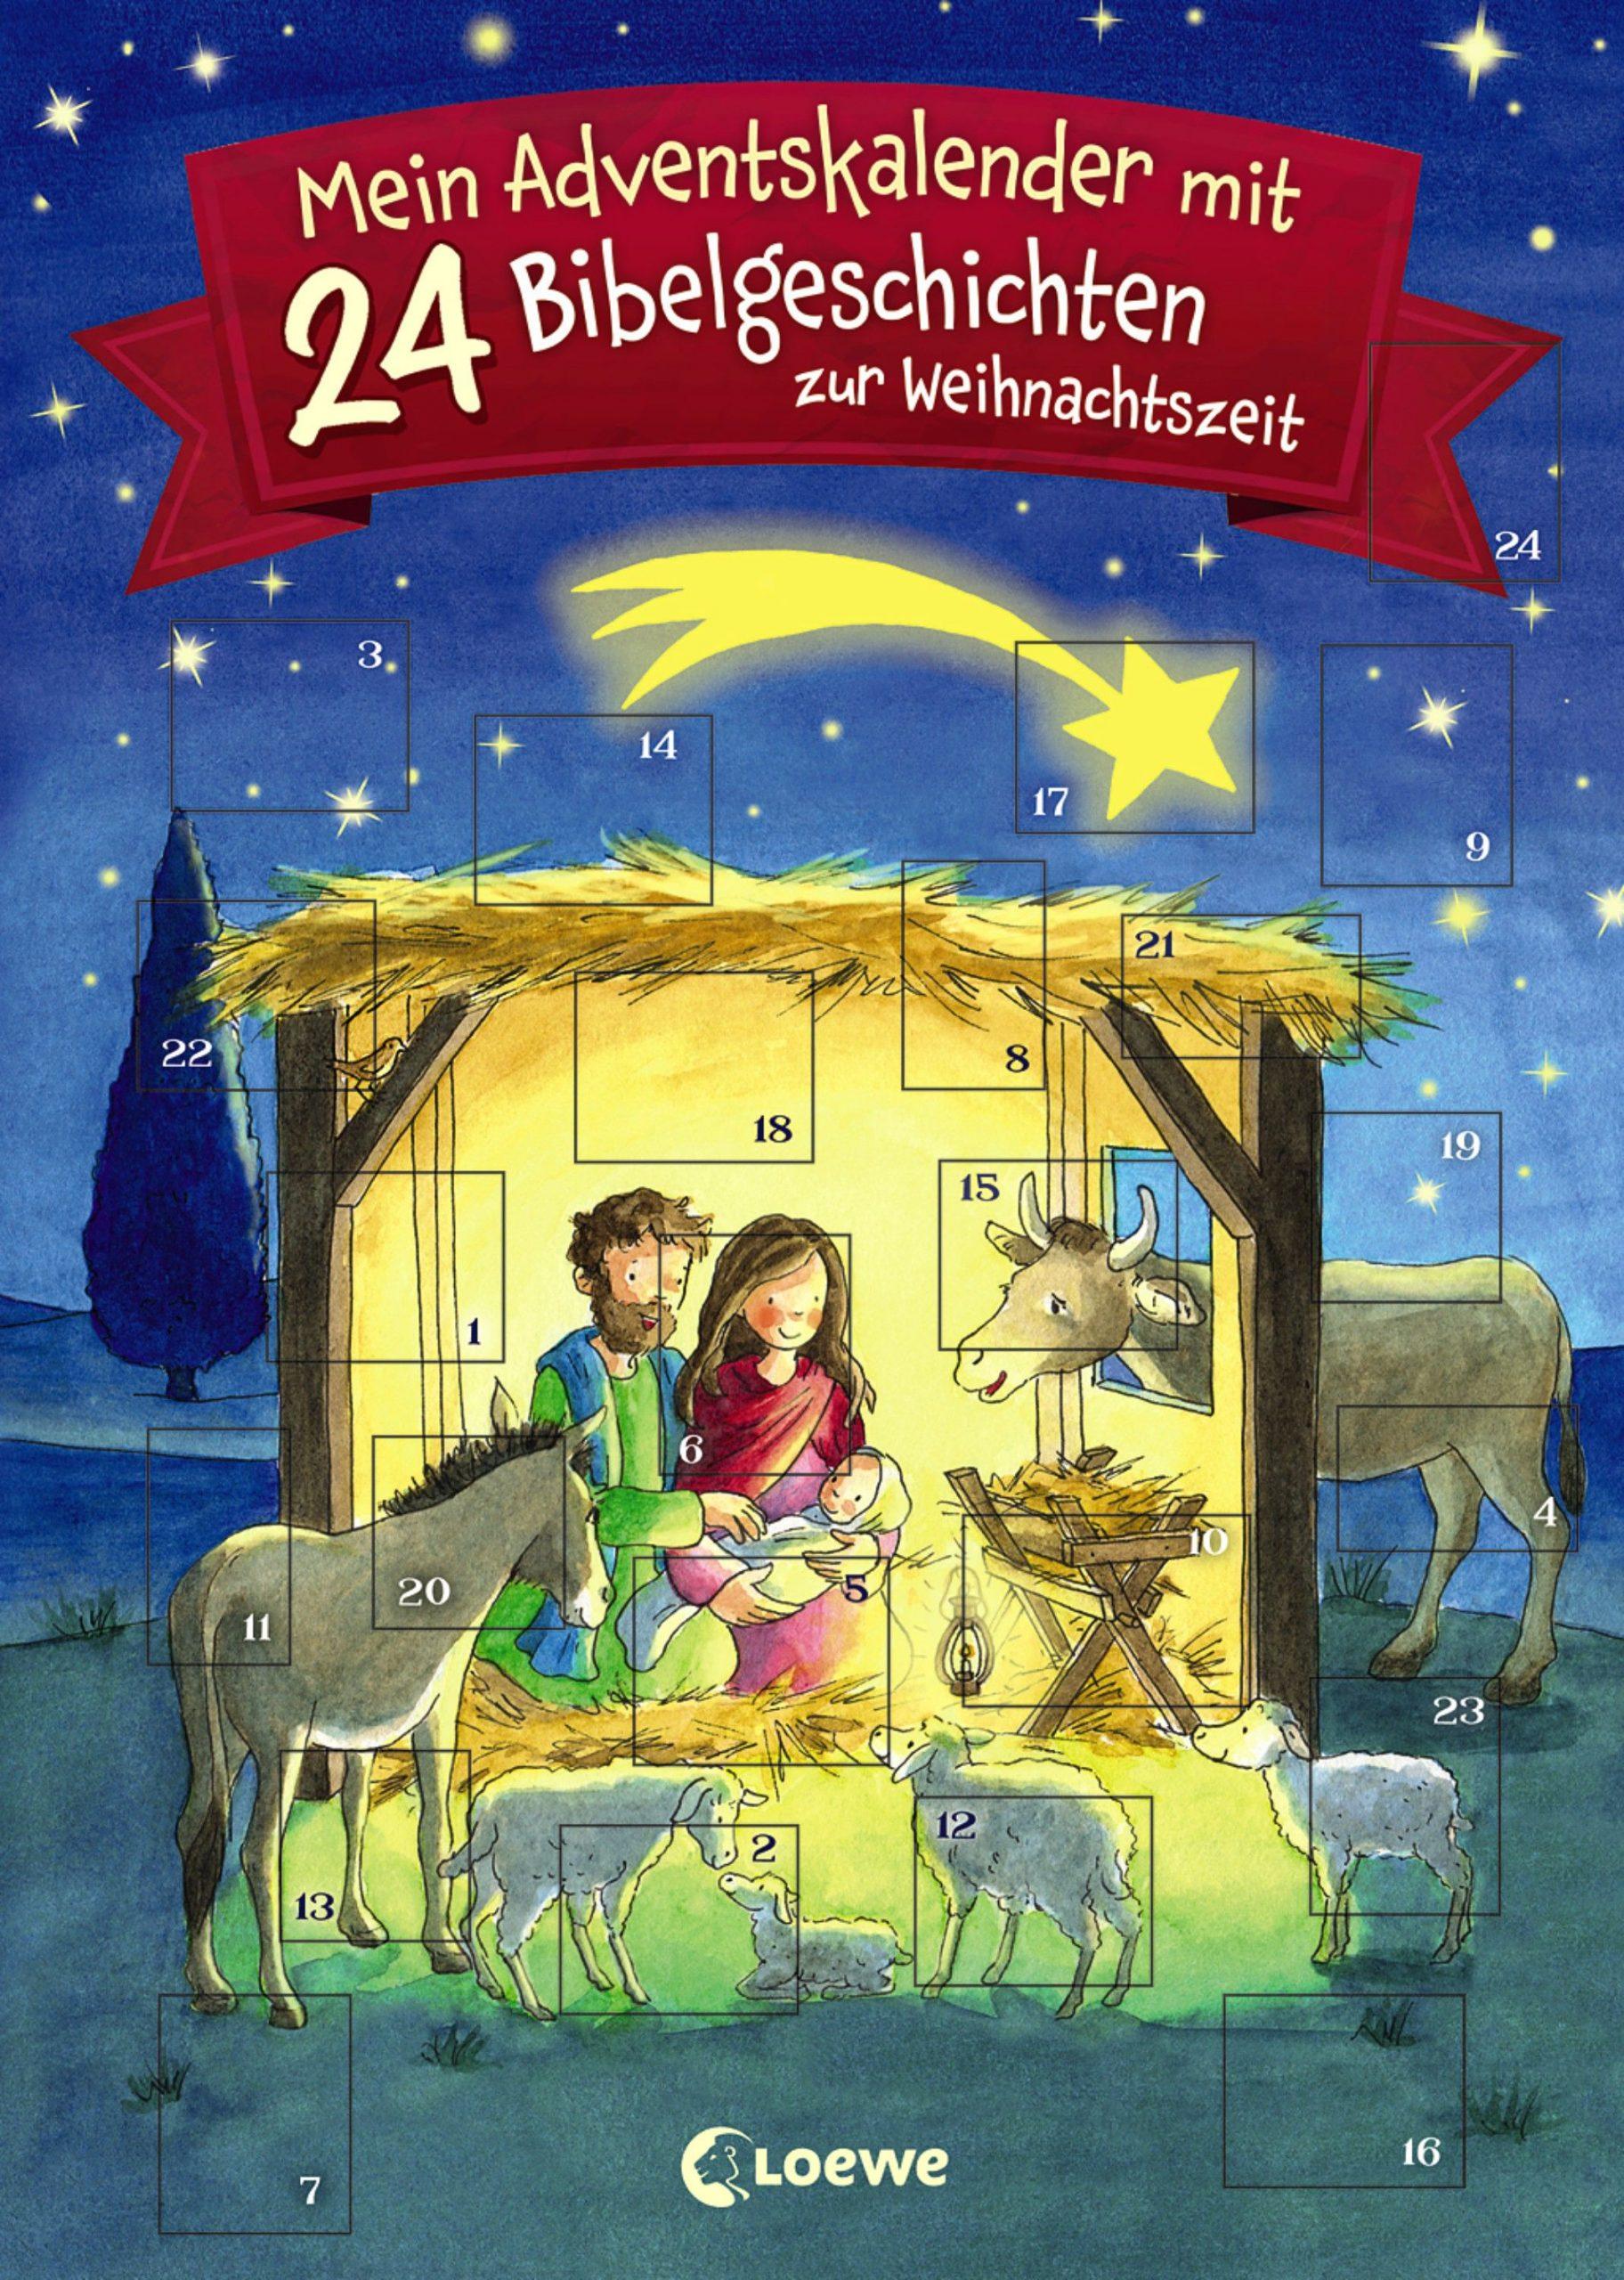 Weihnachtliches Lesevergnügen Für Die Ganze Familie! Dieser bestimmt für Geschichten Zur Weihnachtszeit Für Die Ganze Familie